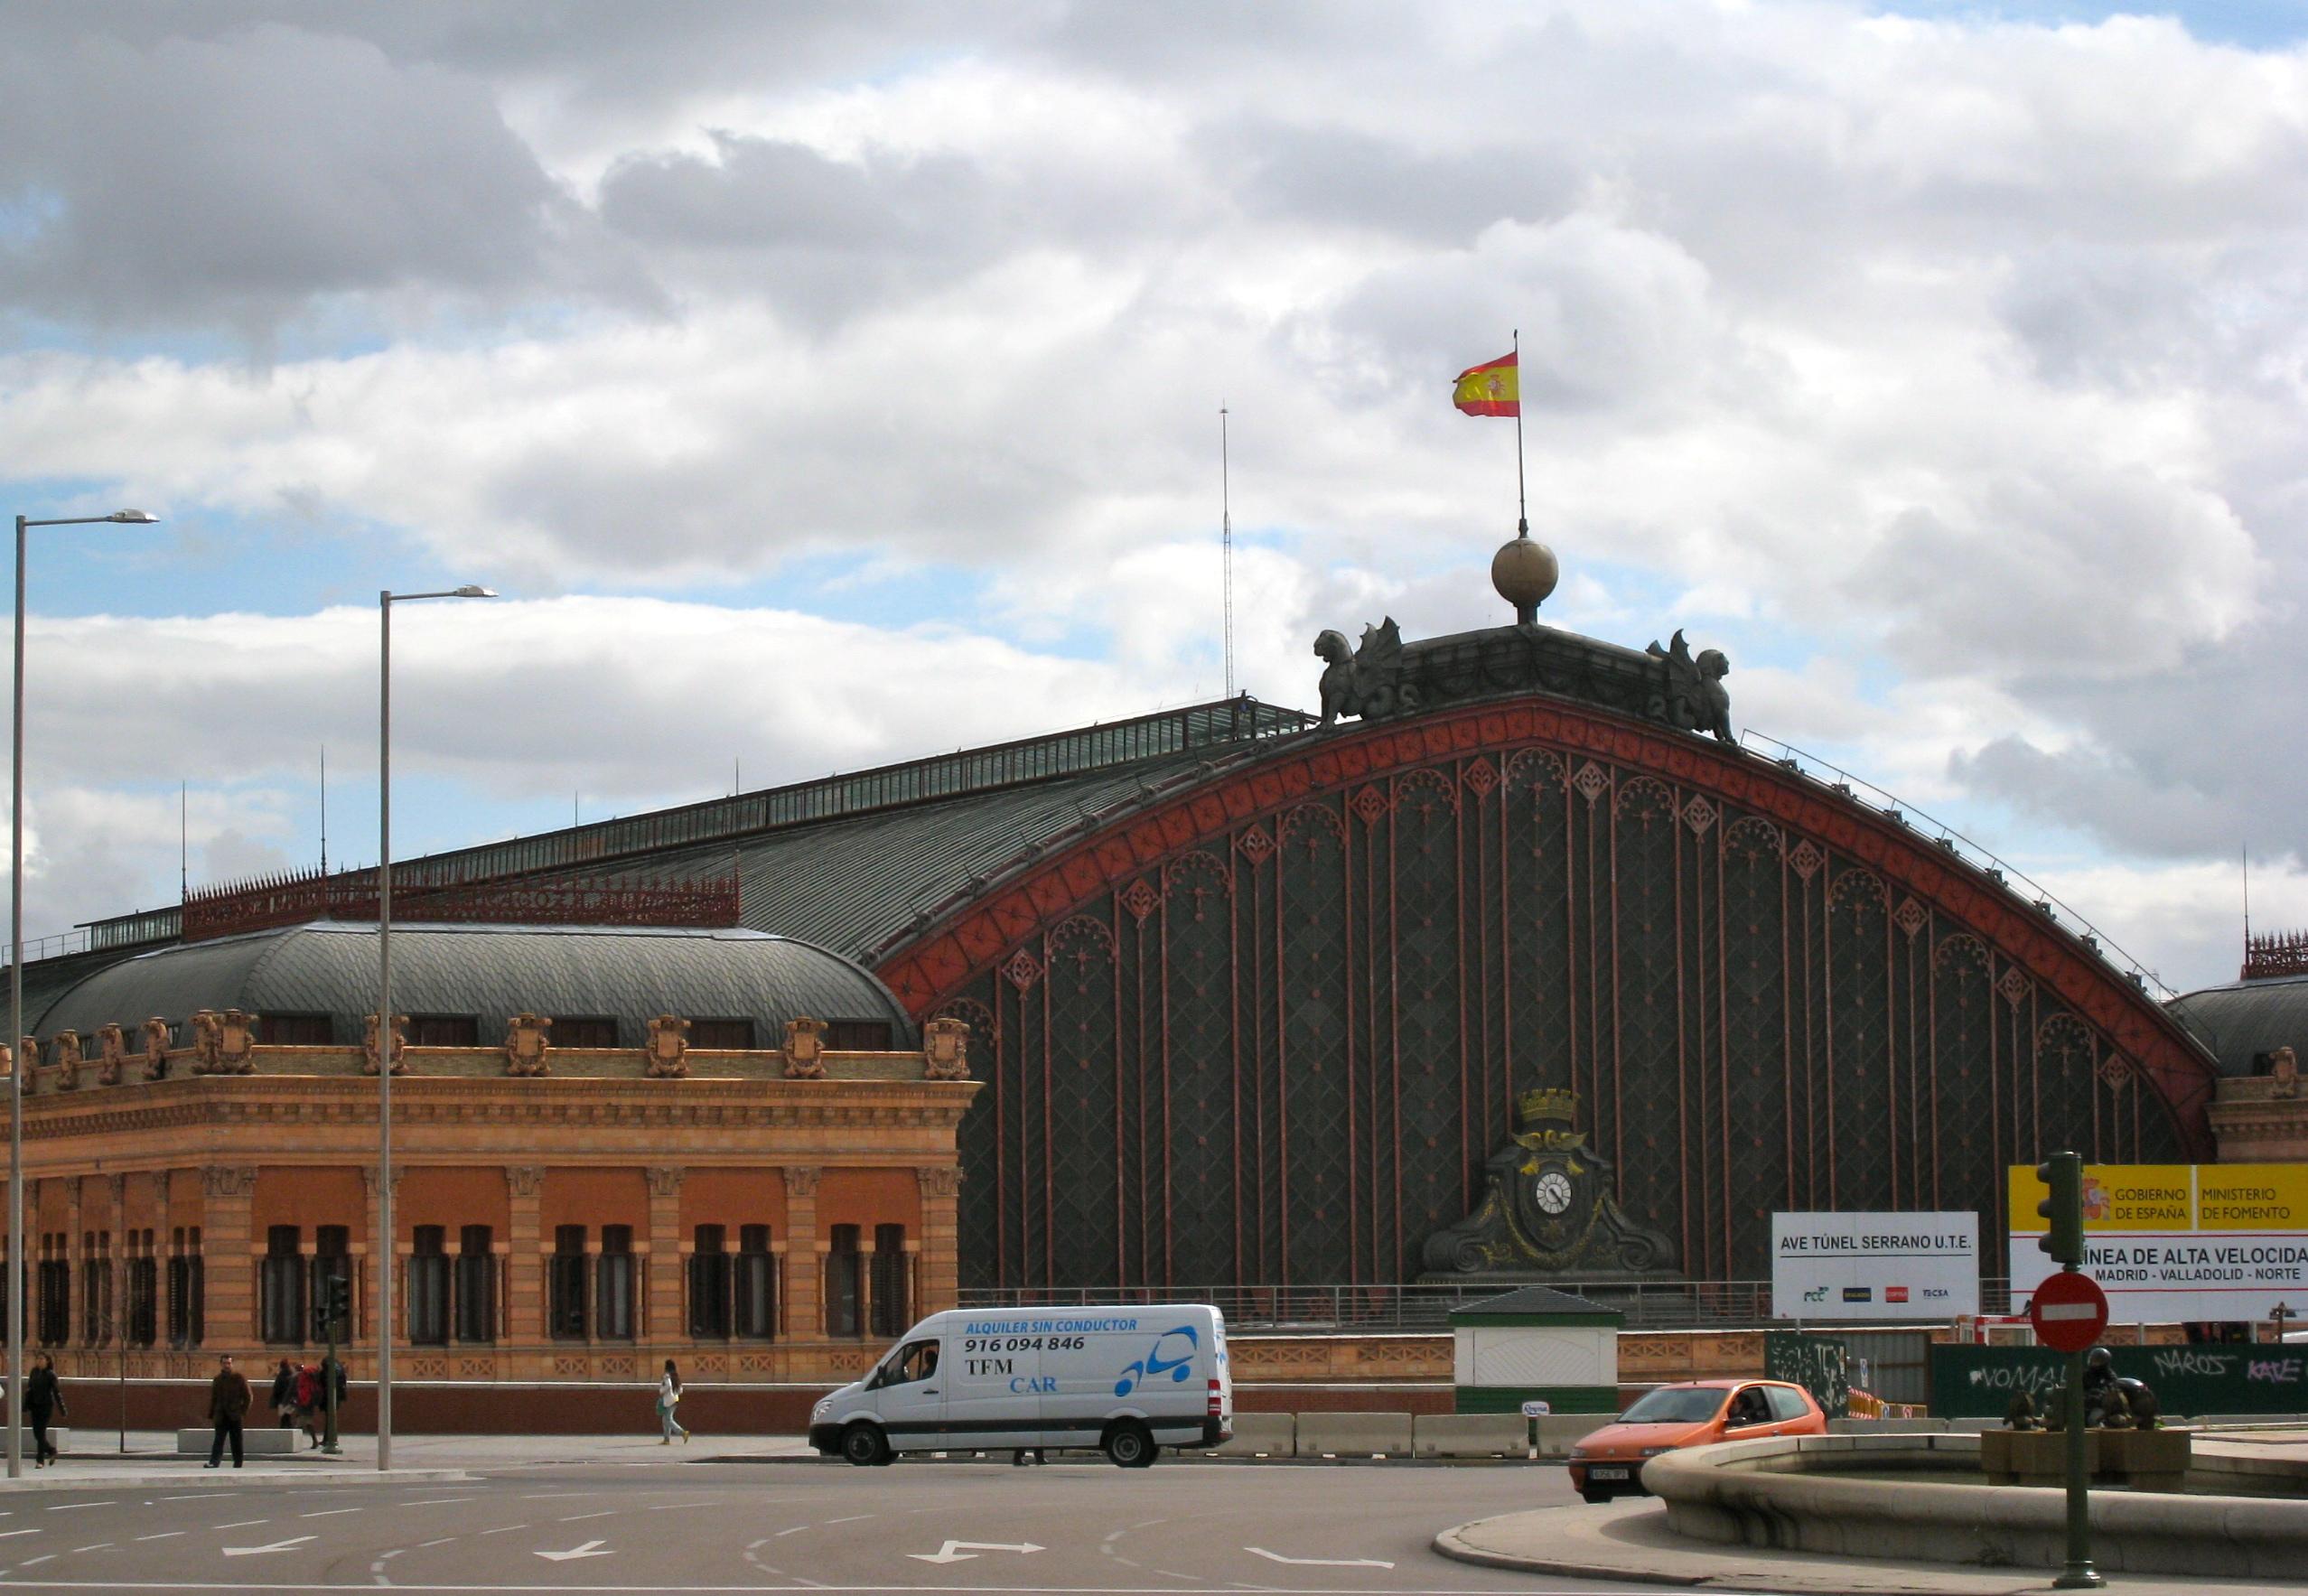 Madrid. Estacion de Atocha